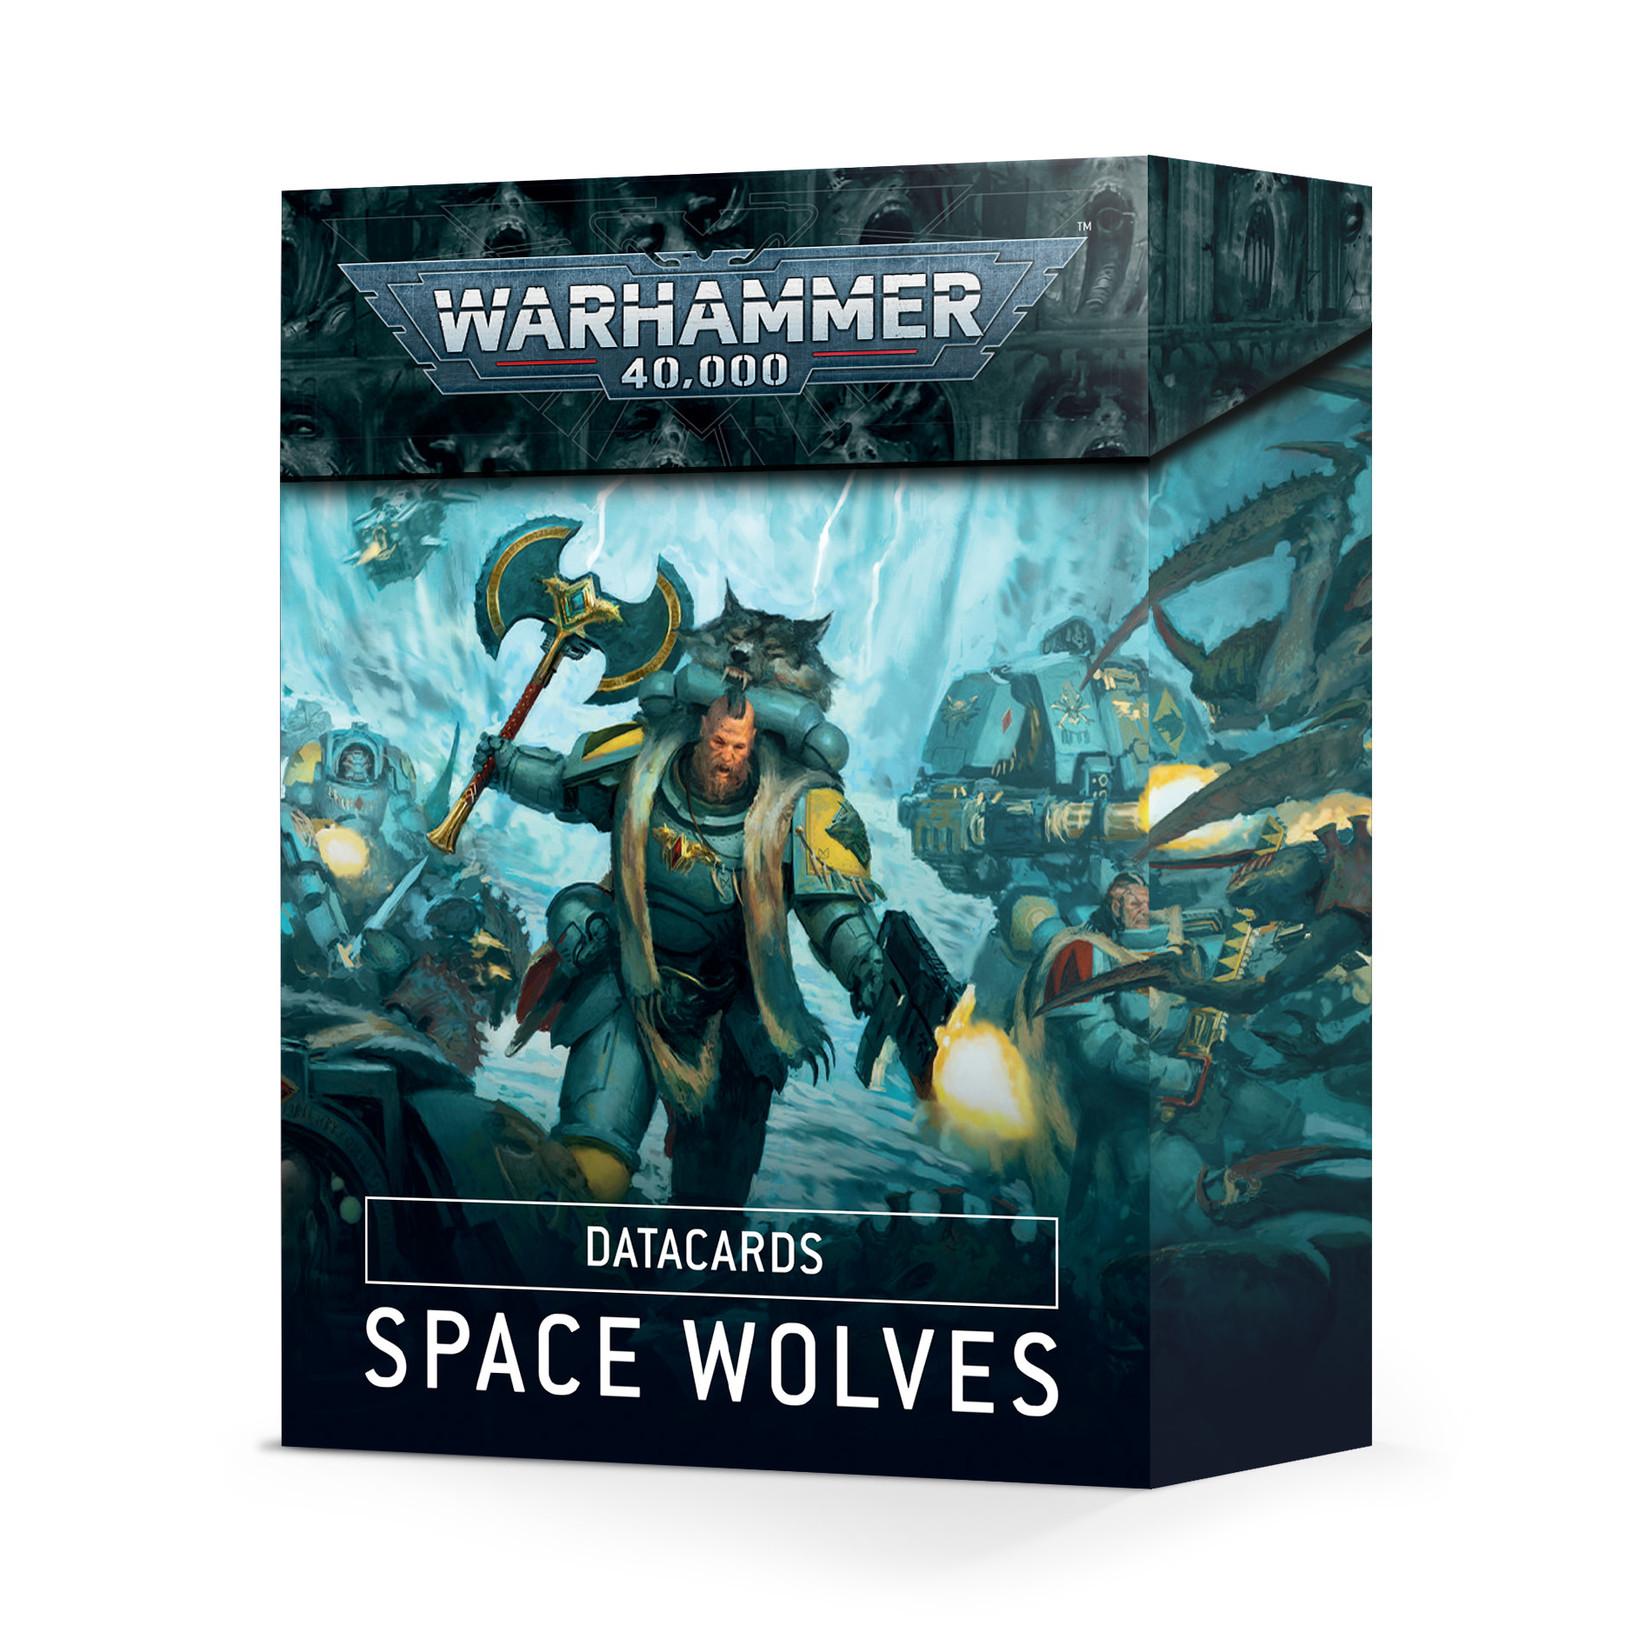 Warhammer 40K Datacards : Space Wolves (English)